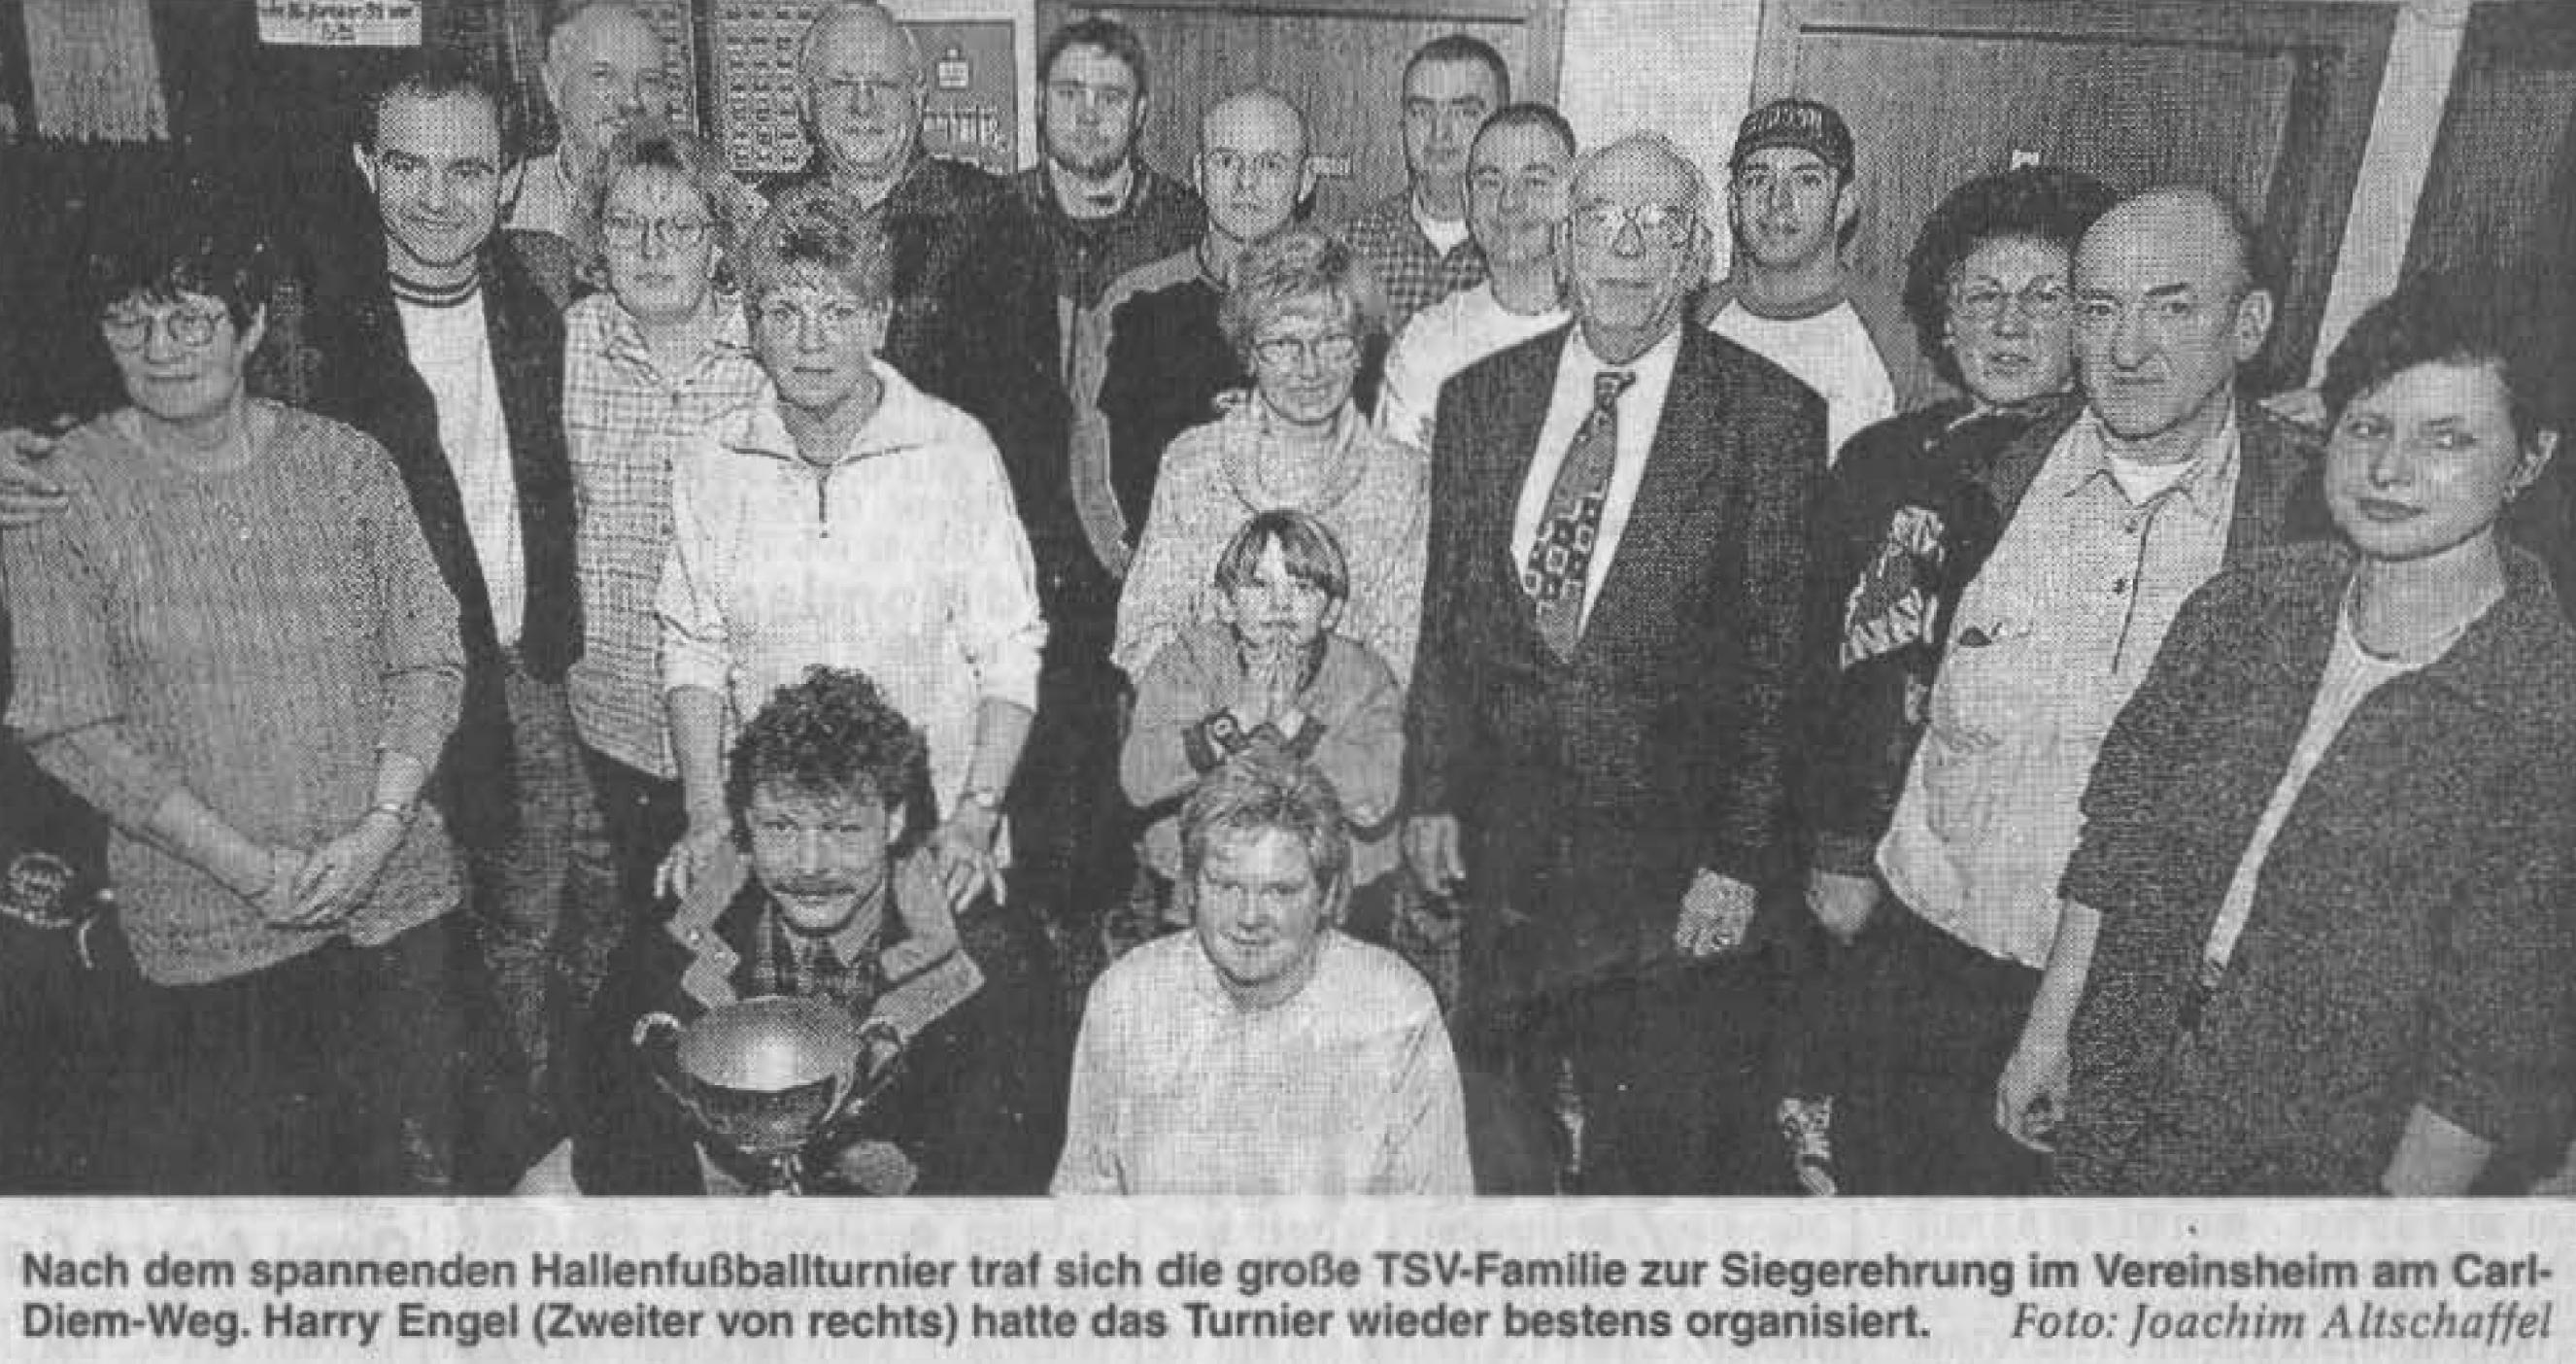 Nach dem spannenden Hallenfußballturnier traf sich die große TSV-Famille zur Siegerehrung im Vereinsheim am Carl-Diem-Weg. Harry Engel (Zweiter von rechts) hatte das Turnier wieder bestens organisiert. Foto: Joachim Altschaffel